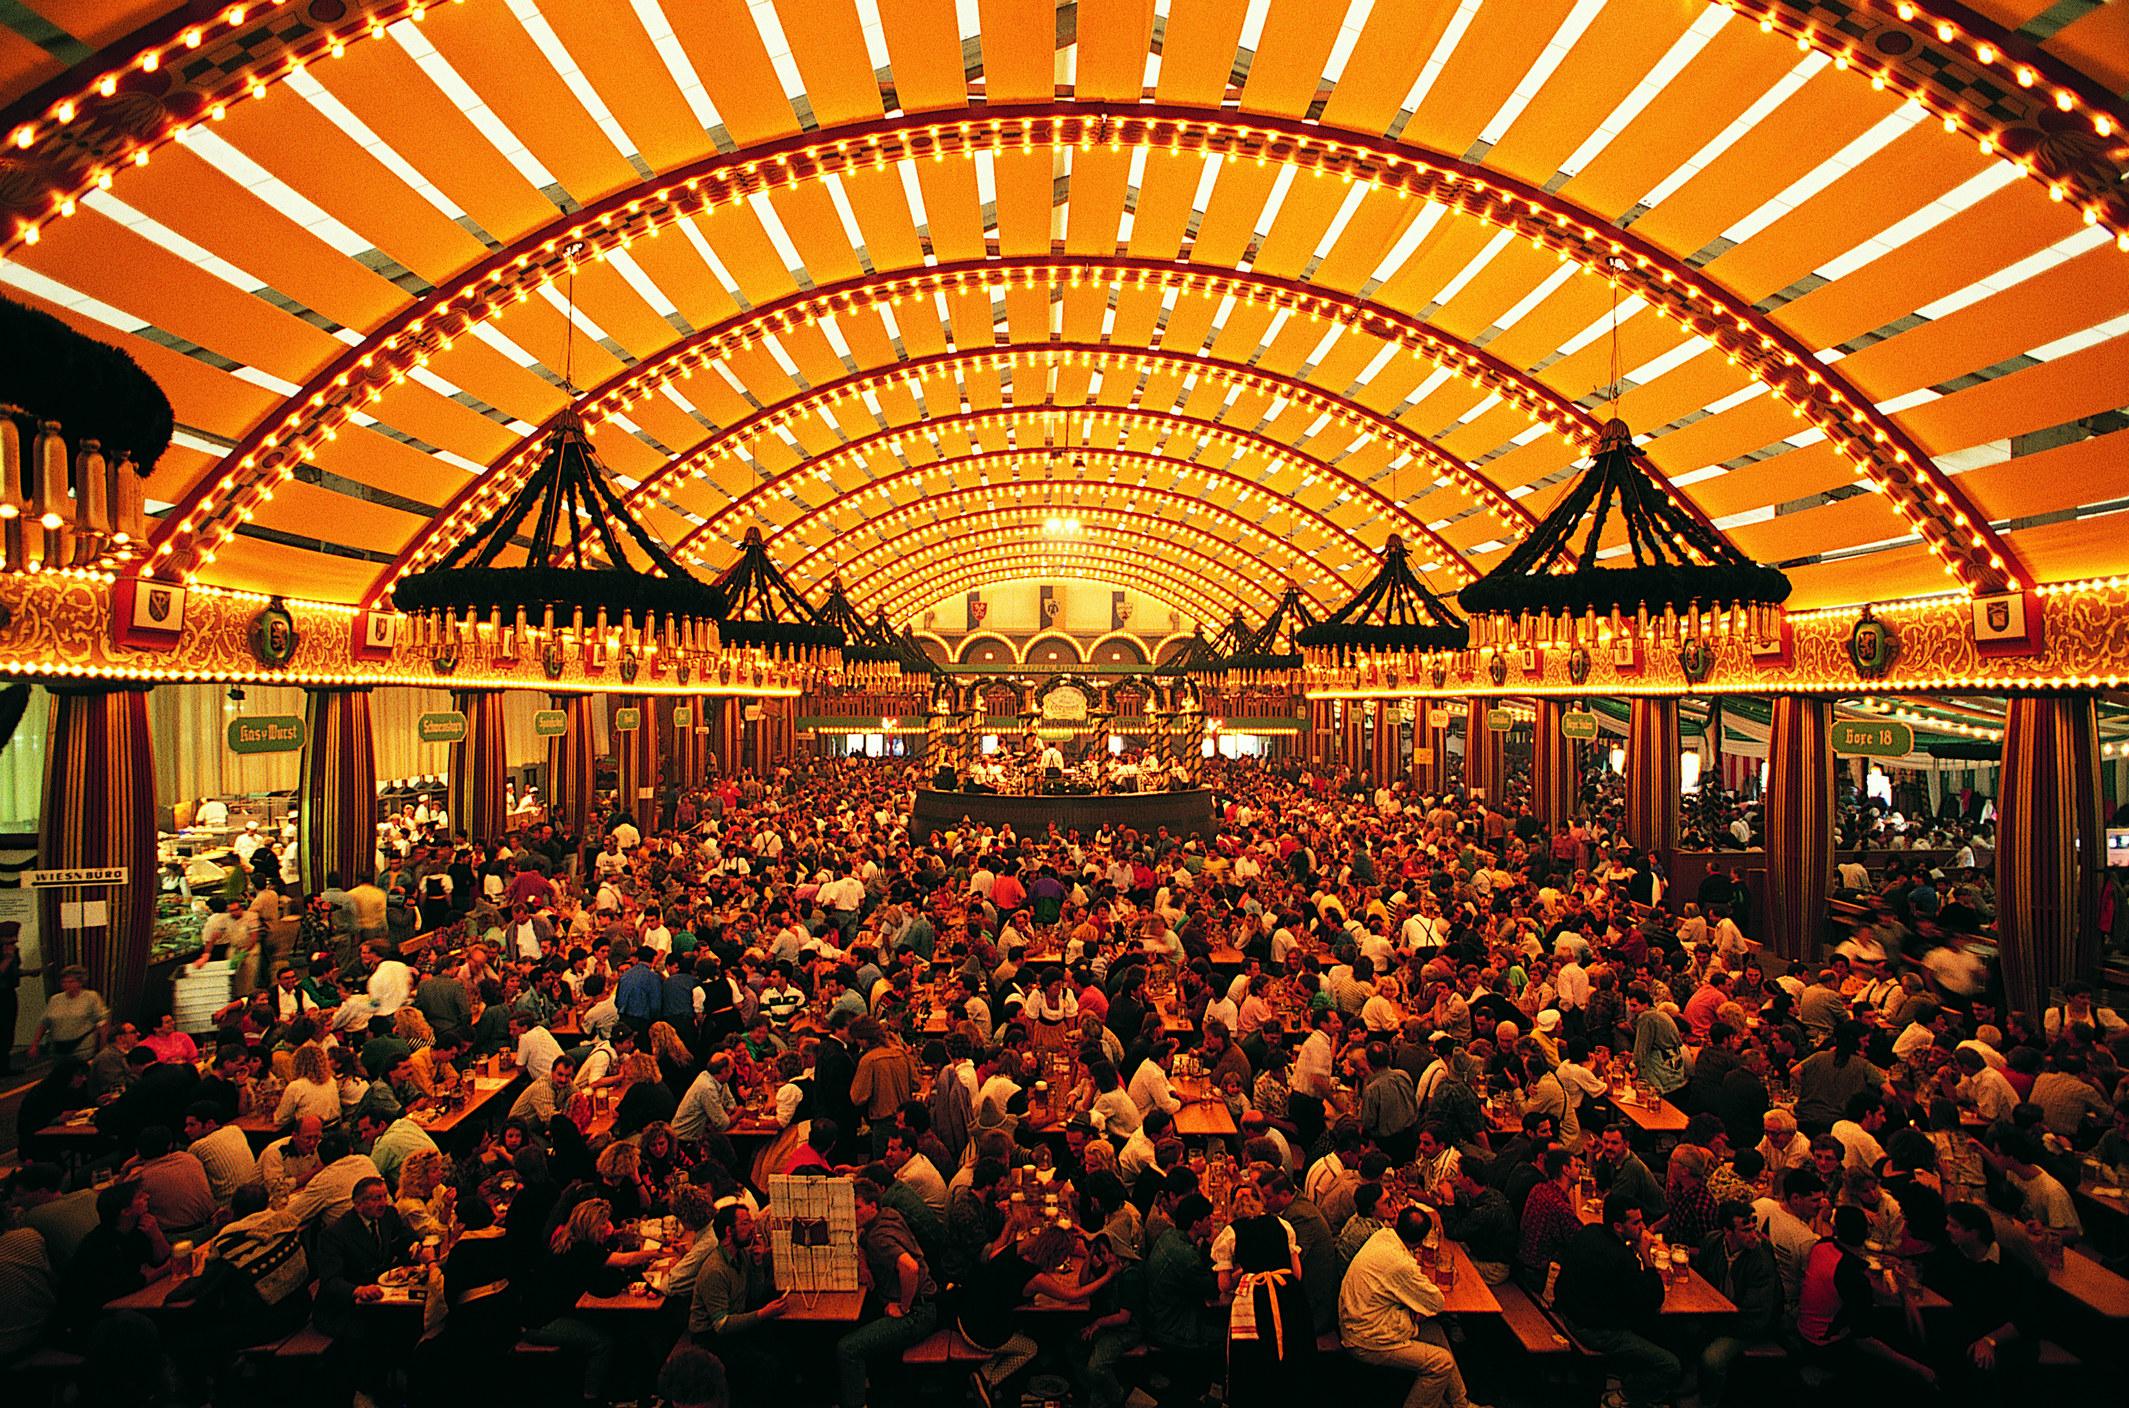 A crowded tent at Oktoberfest in Munich